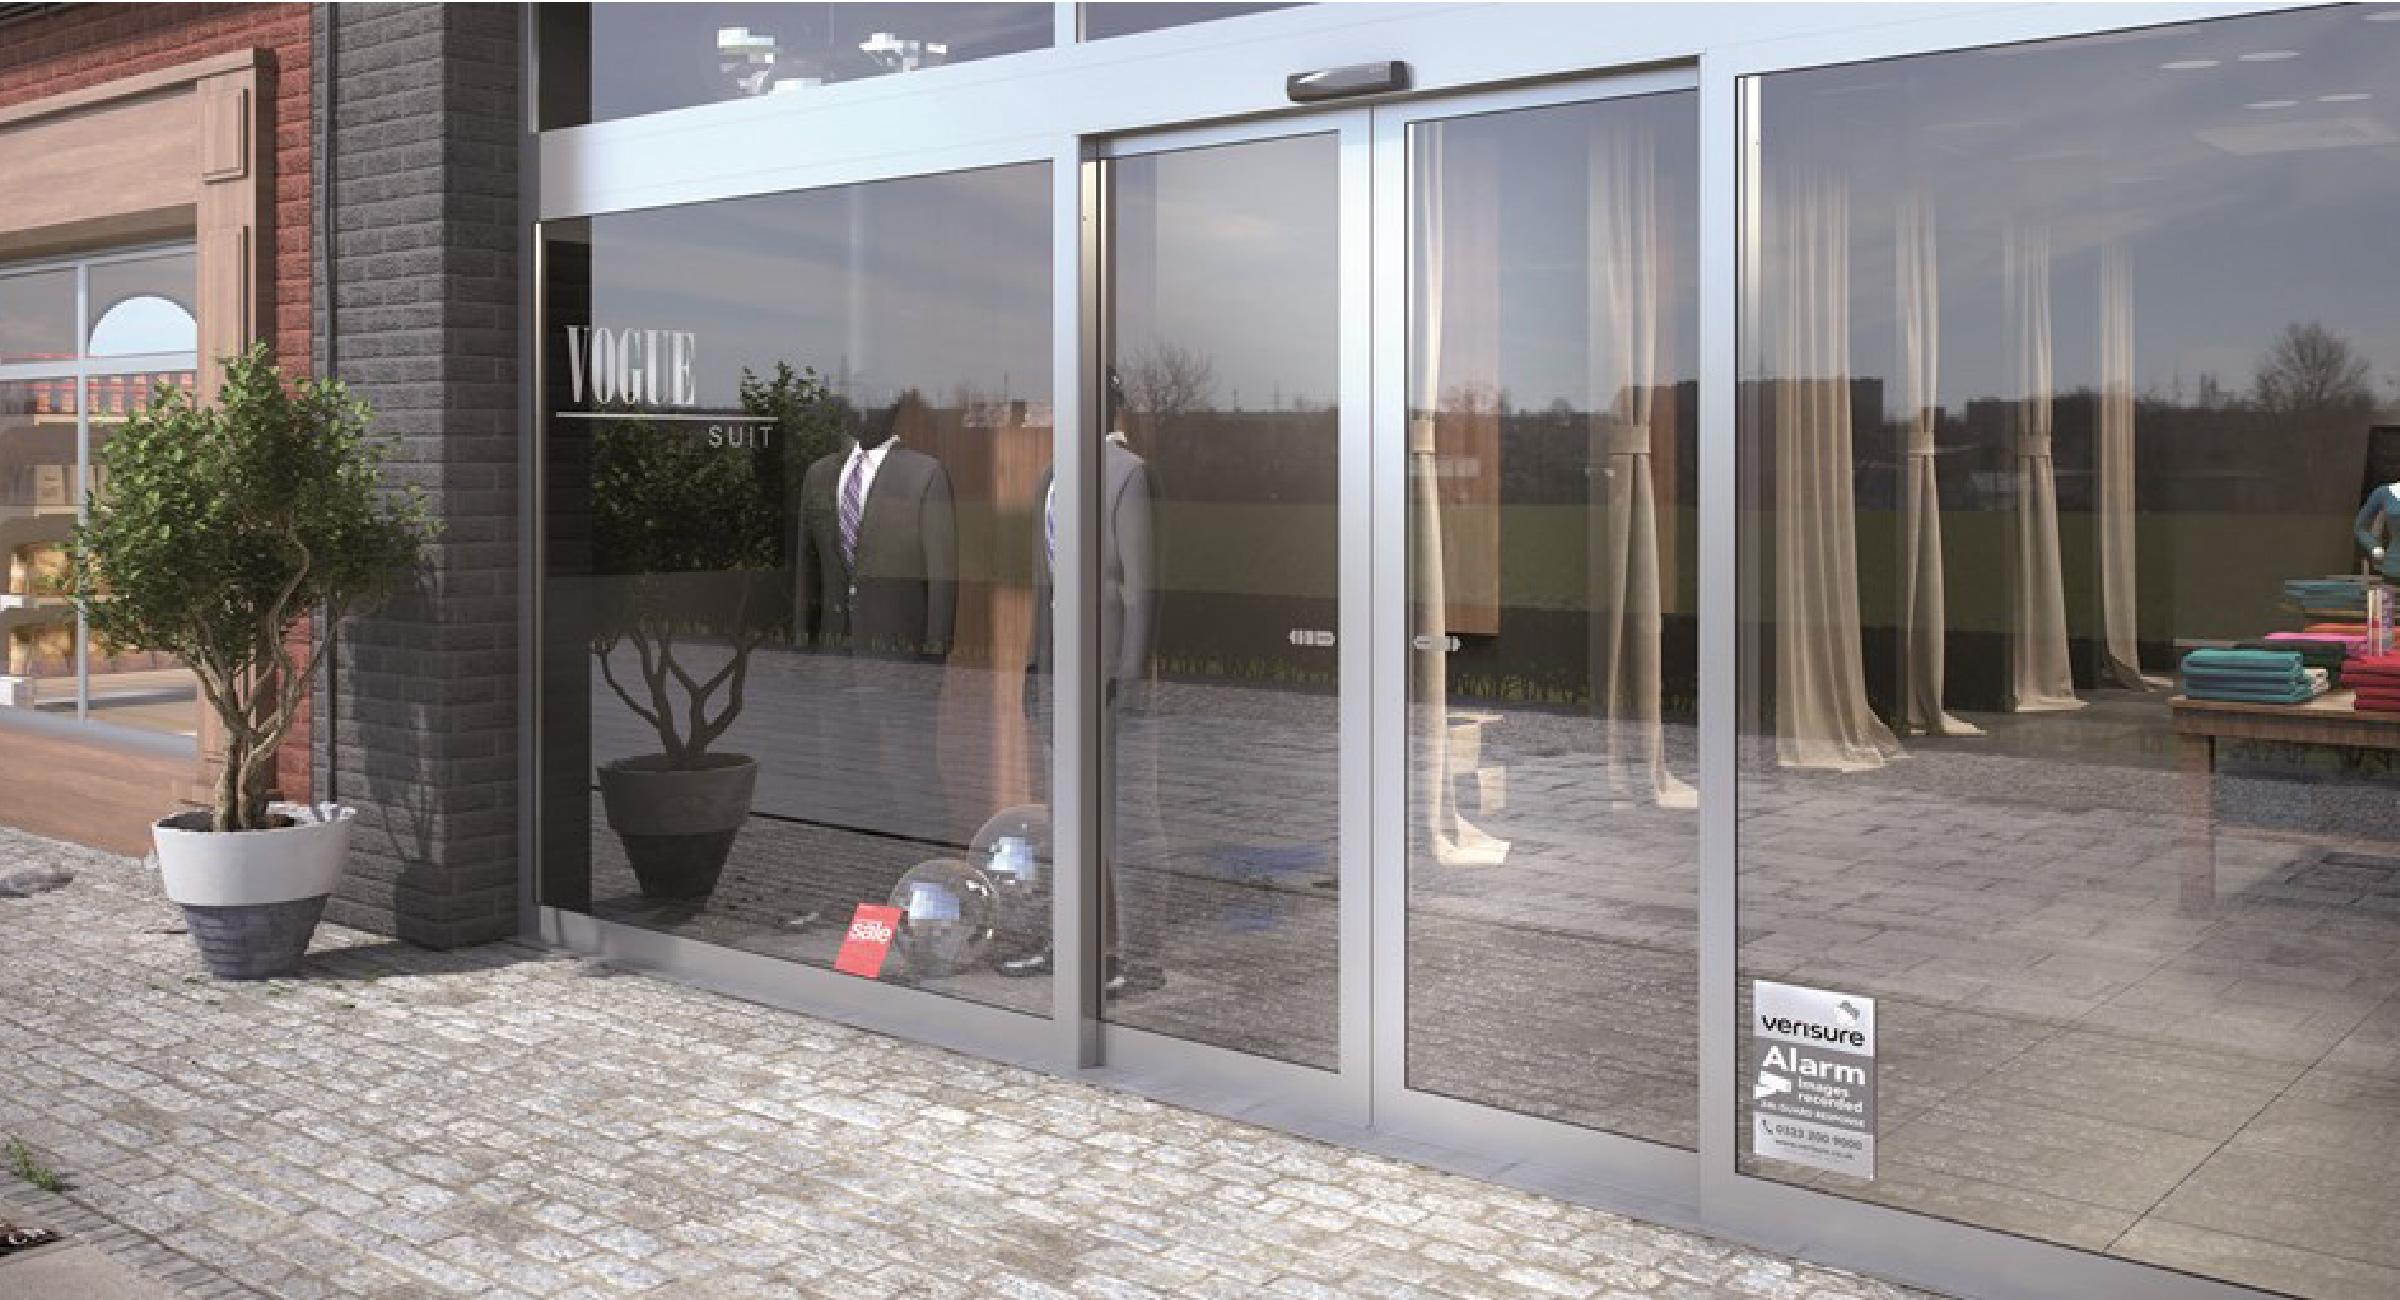 Puerta autom tica instalada en local comercial en guadalajara - Puertas automaticas en murcia ...